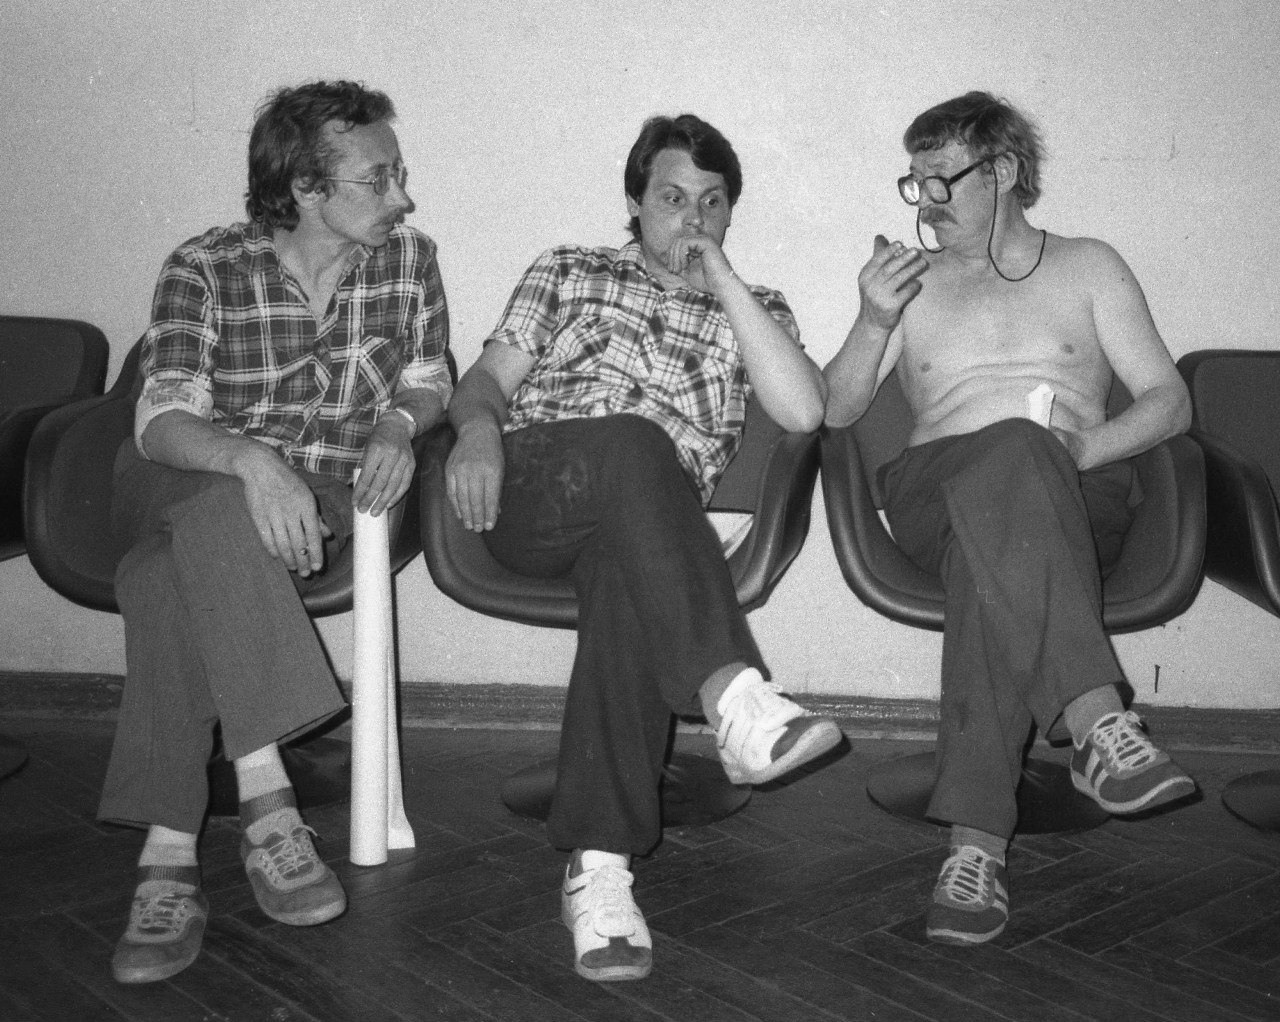 Фотографы Сергей Королёв, Александр Николаев, Борис Михалёвкин. 1980-е